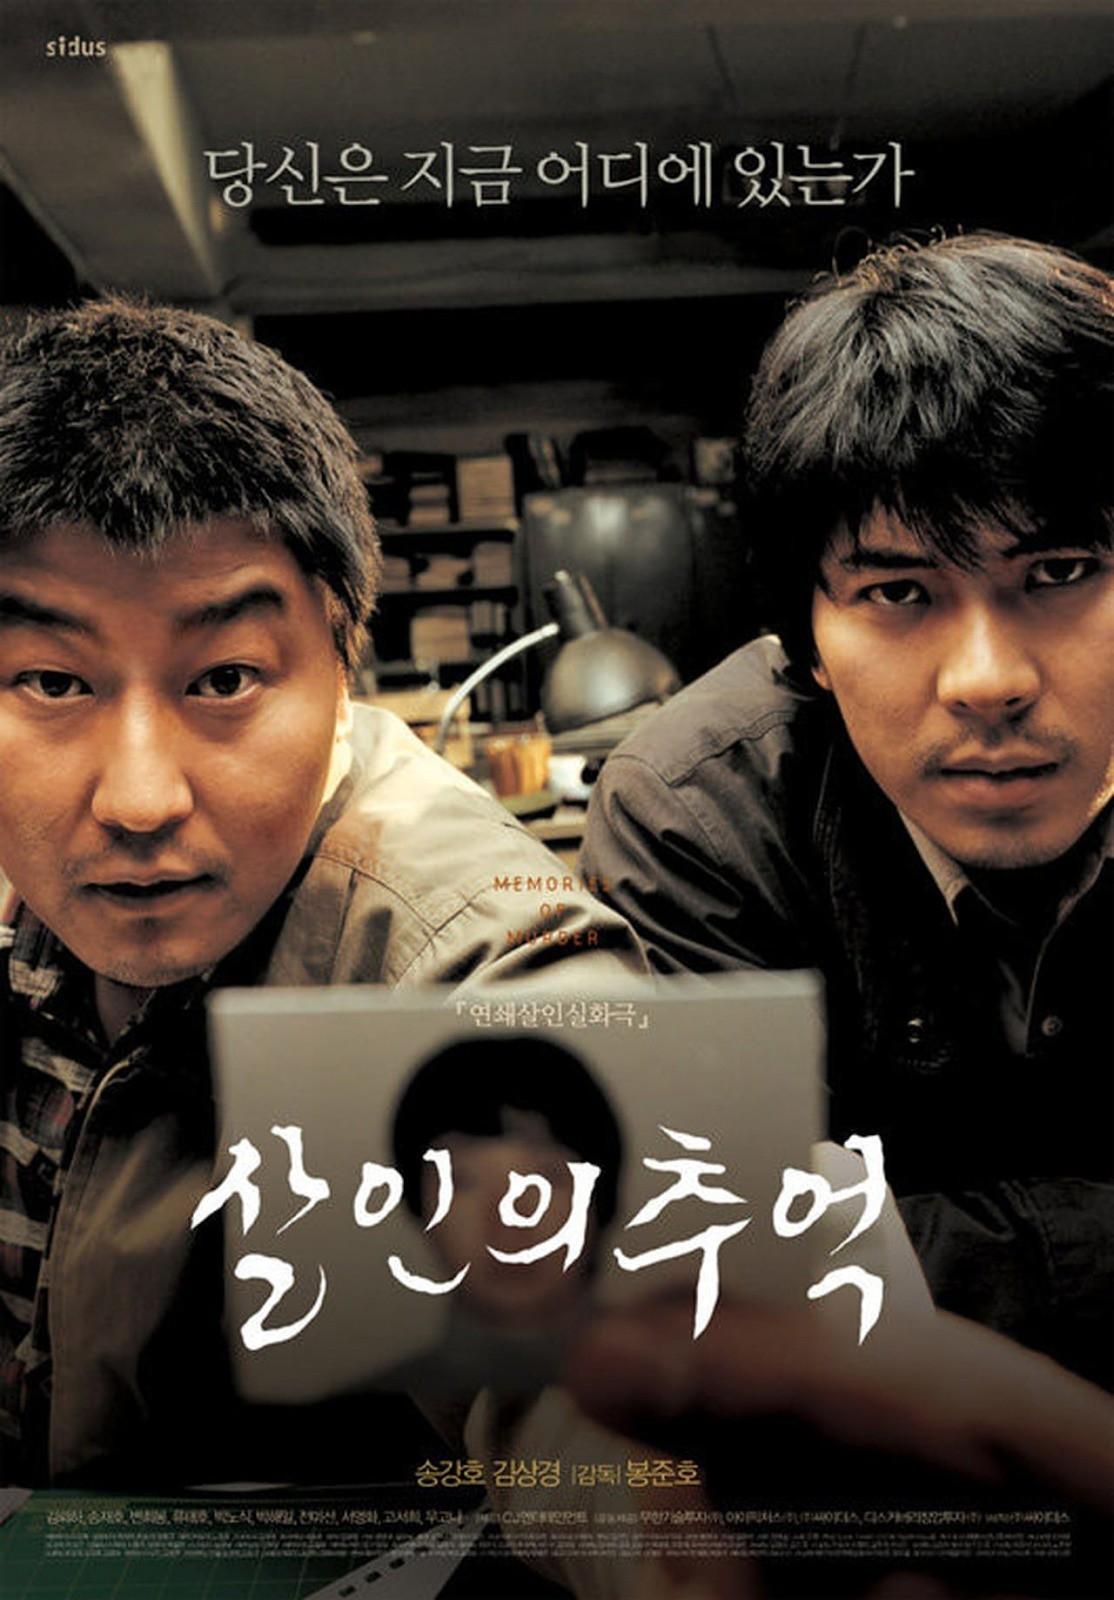 Thi thể cụ bà mở đầu vụ giết người hàng loạt đầu tiên ở Hàn: Kẻ thủ ác đoạt mạng nạn nhân với cùng 1 phương thức, để lại hiện trường ám ảnh - Ảnh 3.